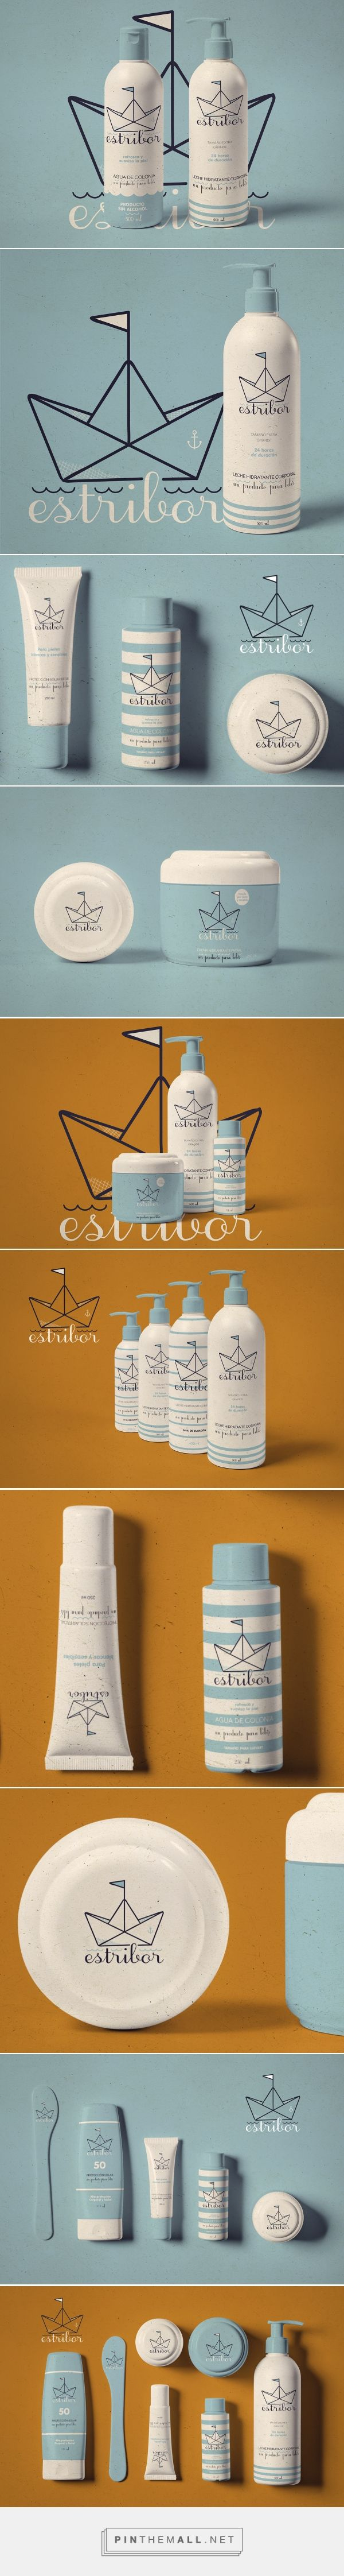 baby cosmetics Estribor / María de Benito Salazar PD